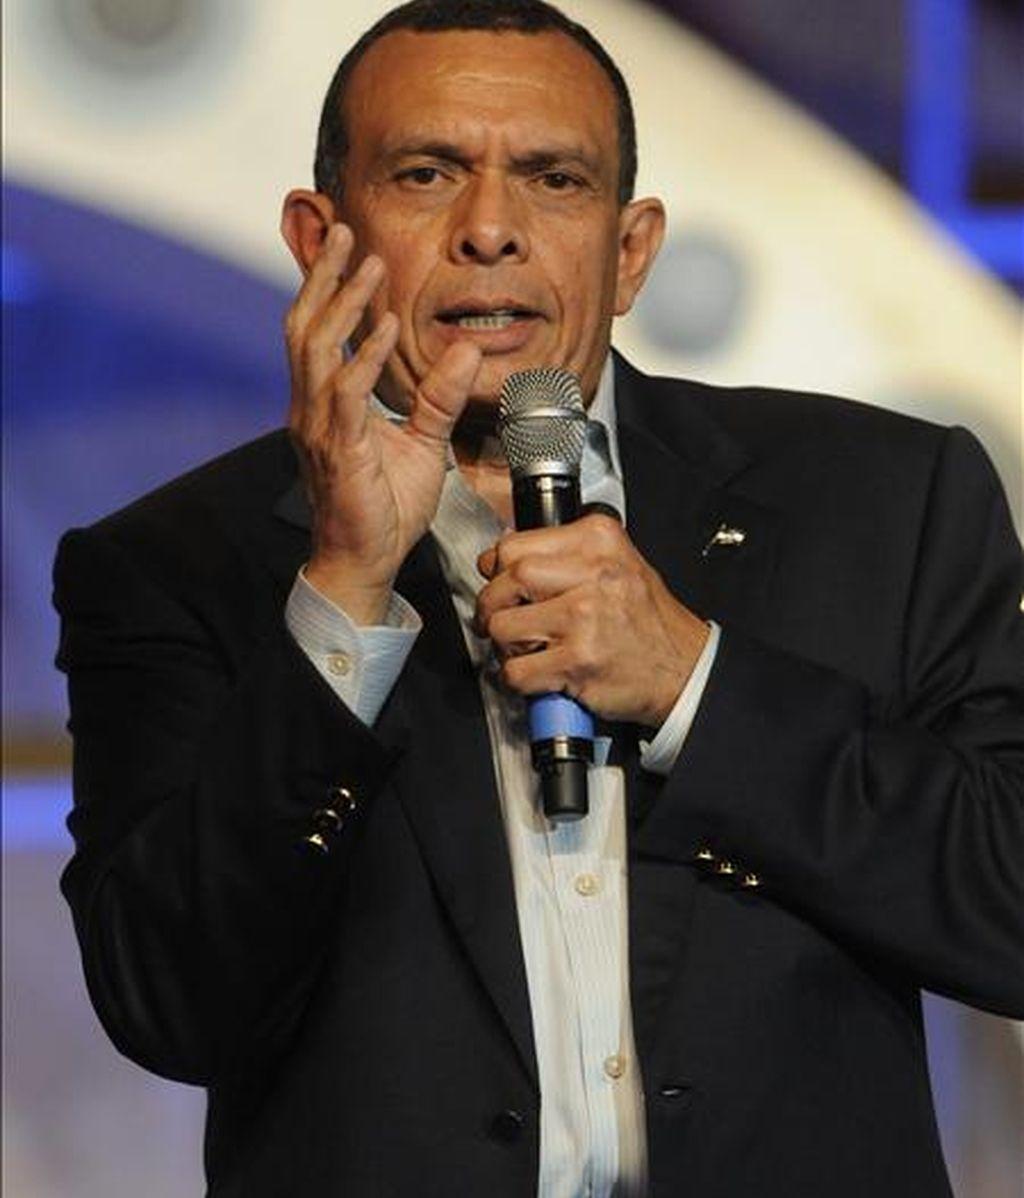 """""""Me ofrecí, si ustedes recuerdan, a ir personalmente a traerlo de República Dominicana y que entraría a Honduras bajo mi responsabilidad"""", dijo el presidente de Honduras, Porfirio Lobo. EFE/Archivo"""